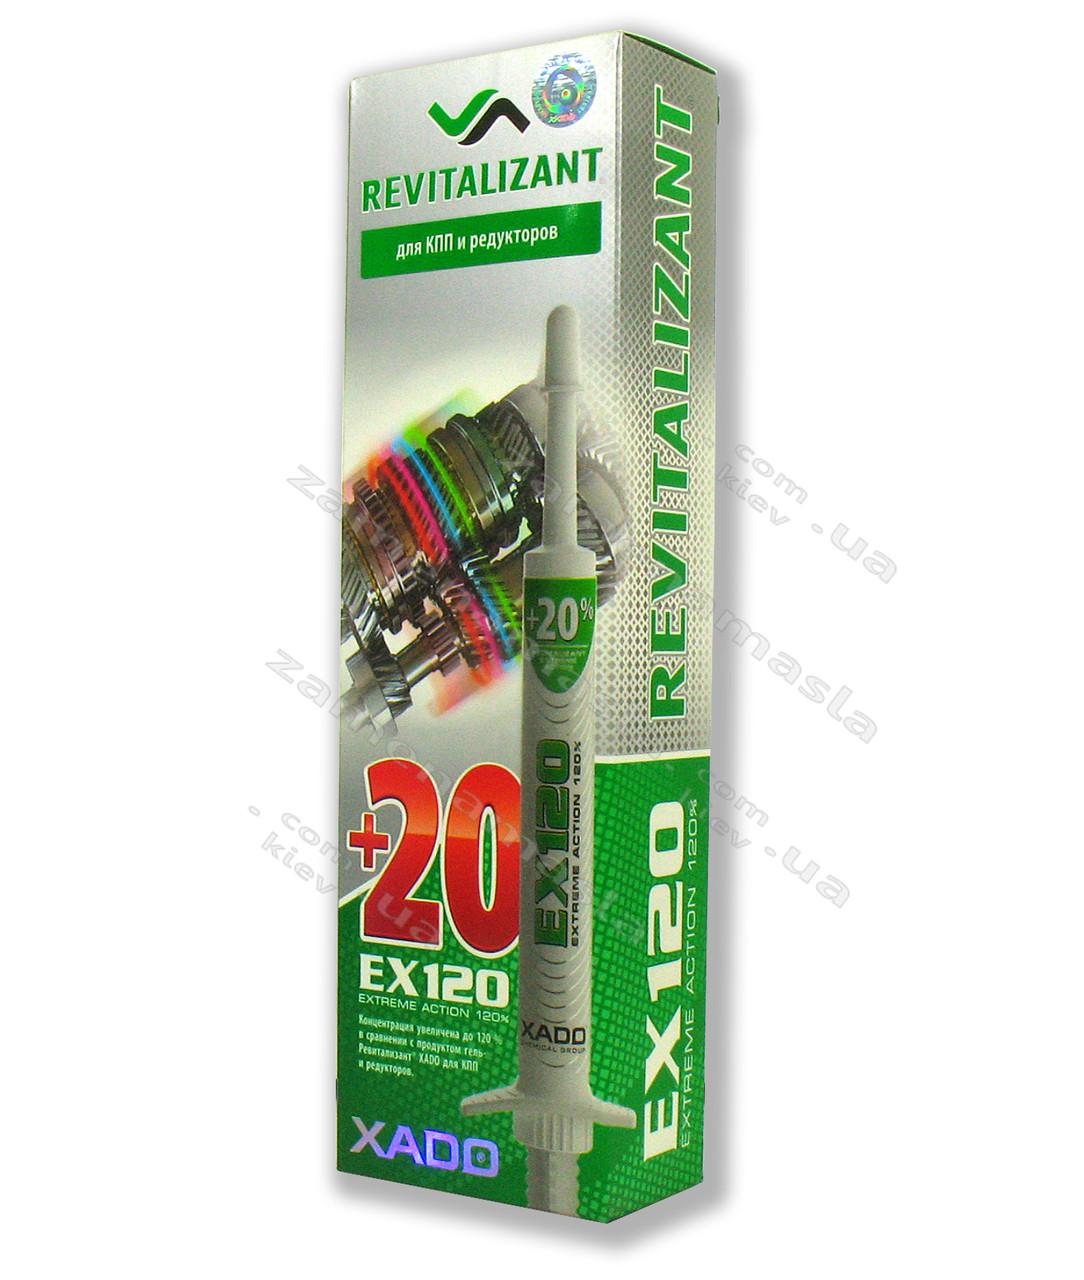 Хадо - ревитализант EX120 для КПП и редукторов